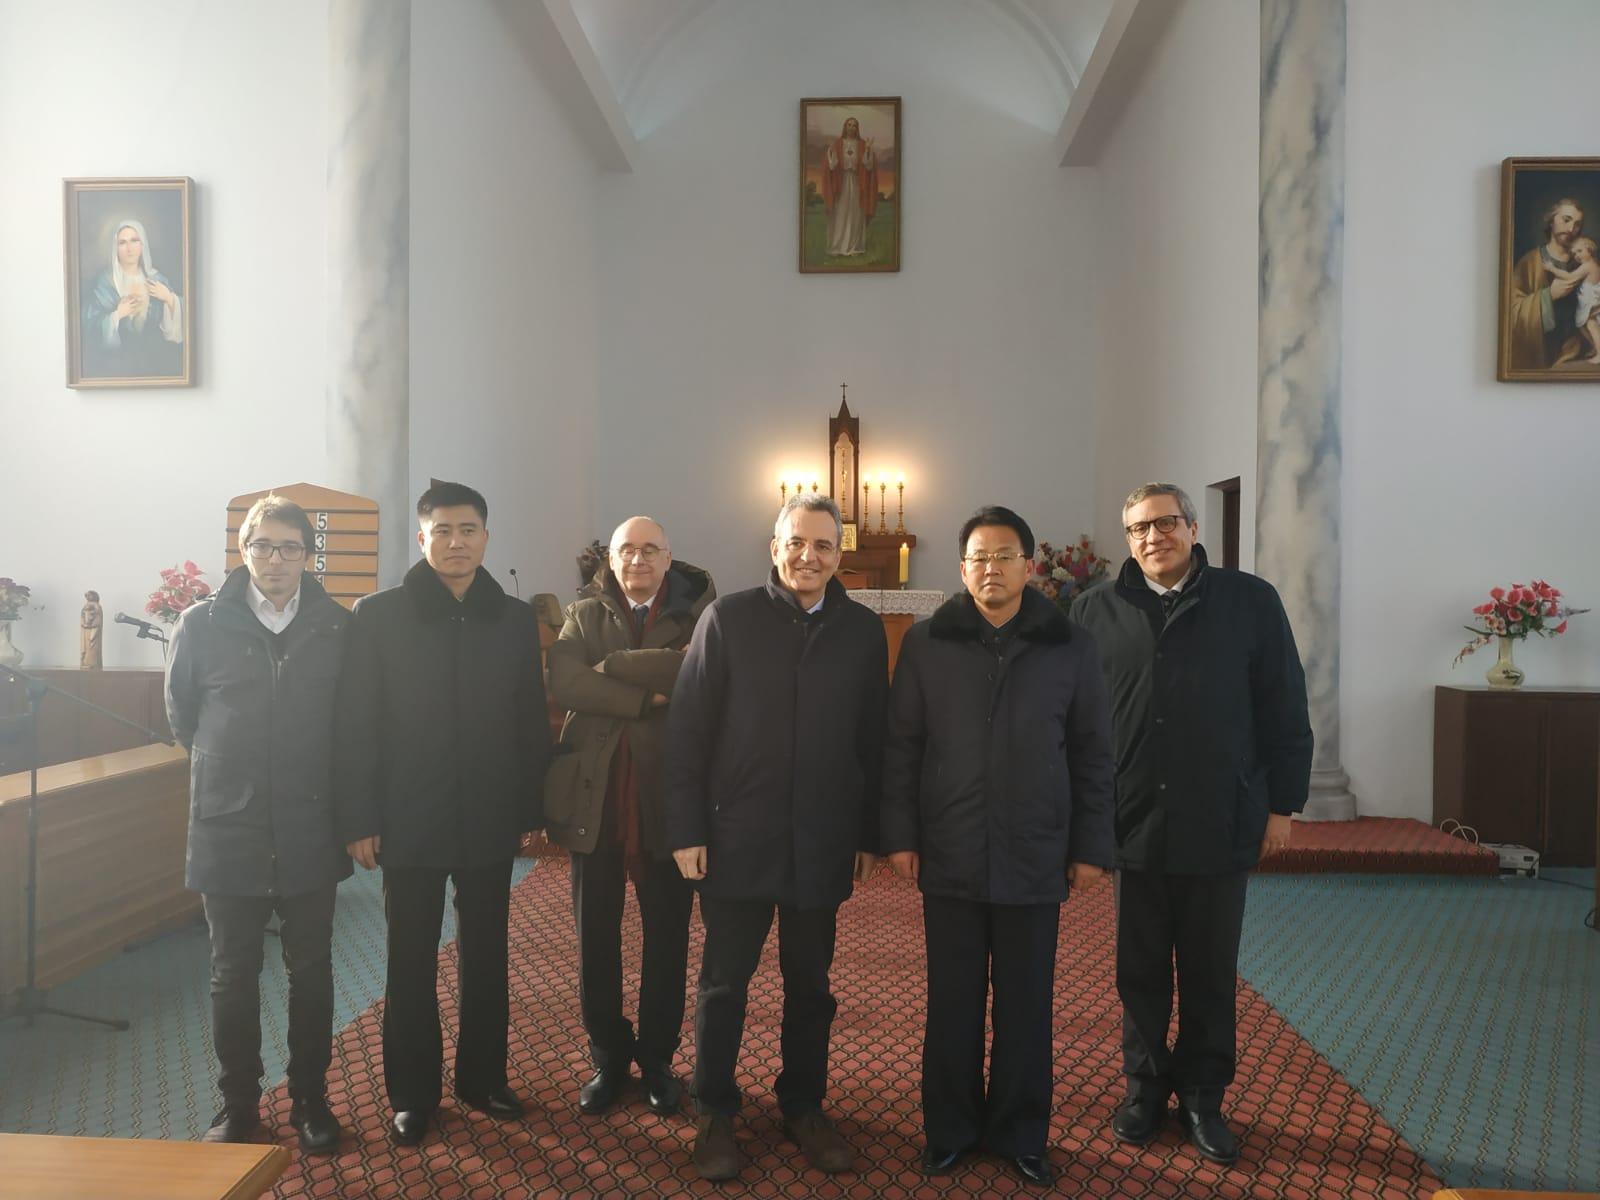 Visita alla chiesa cattolica di Pyongyang